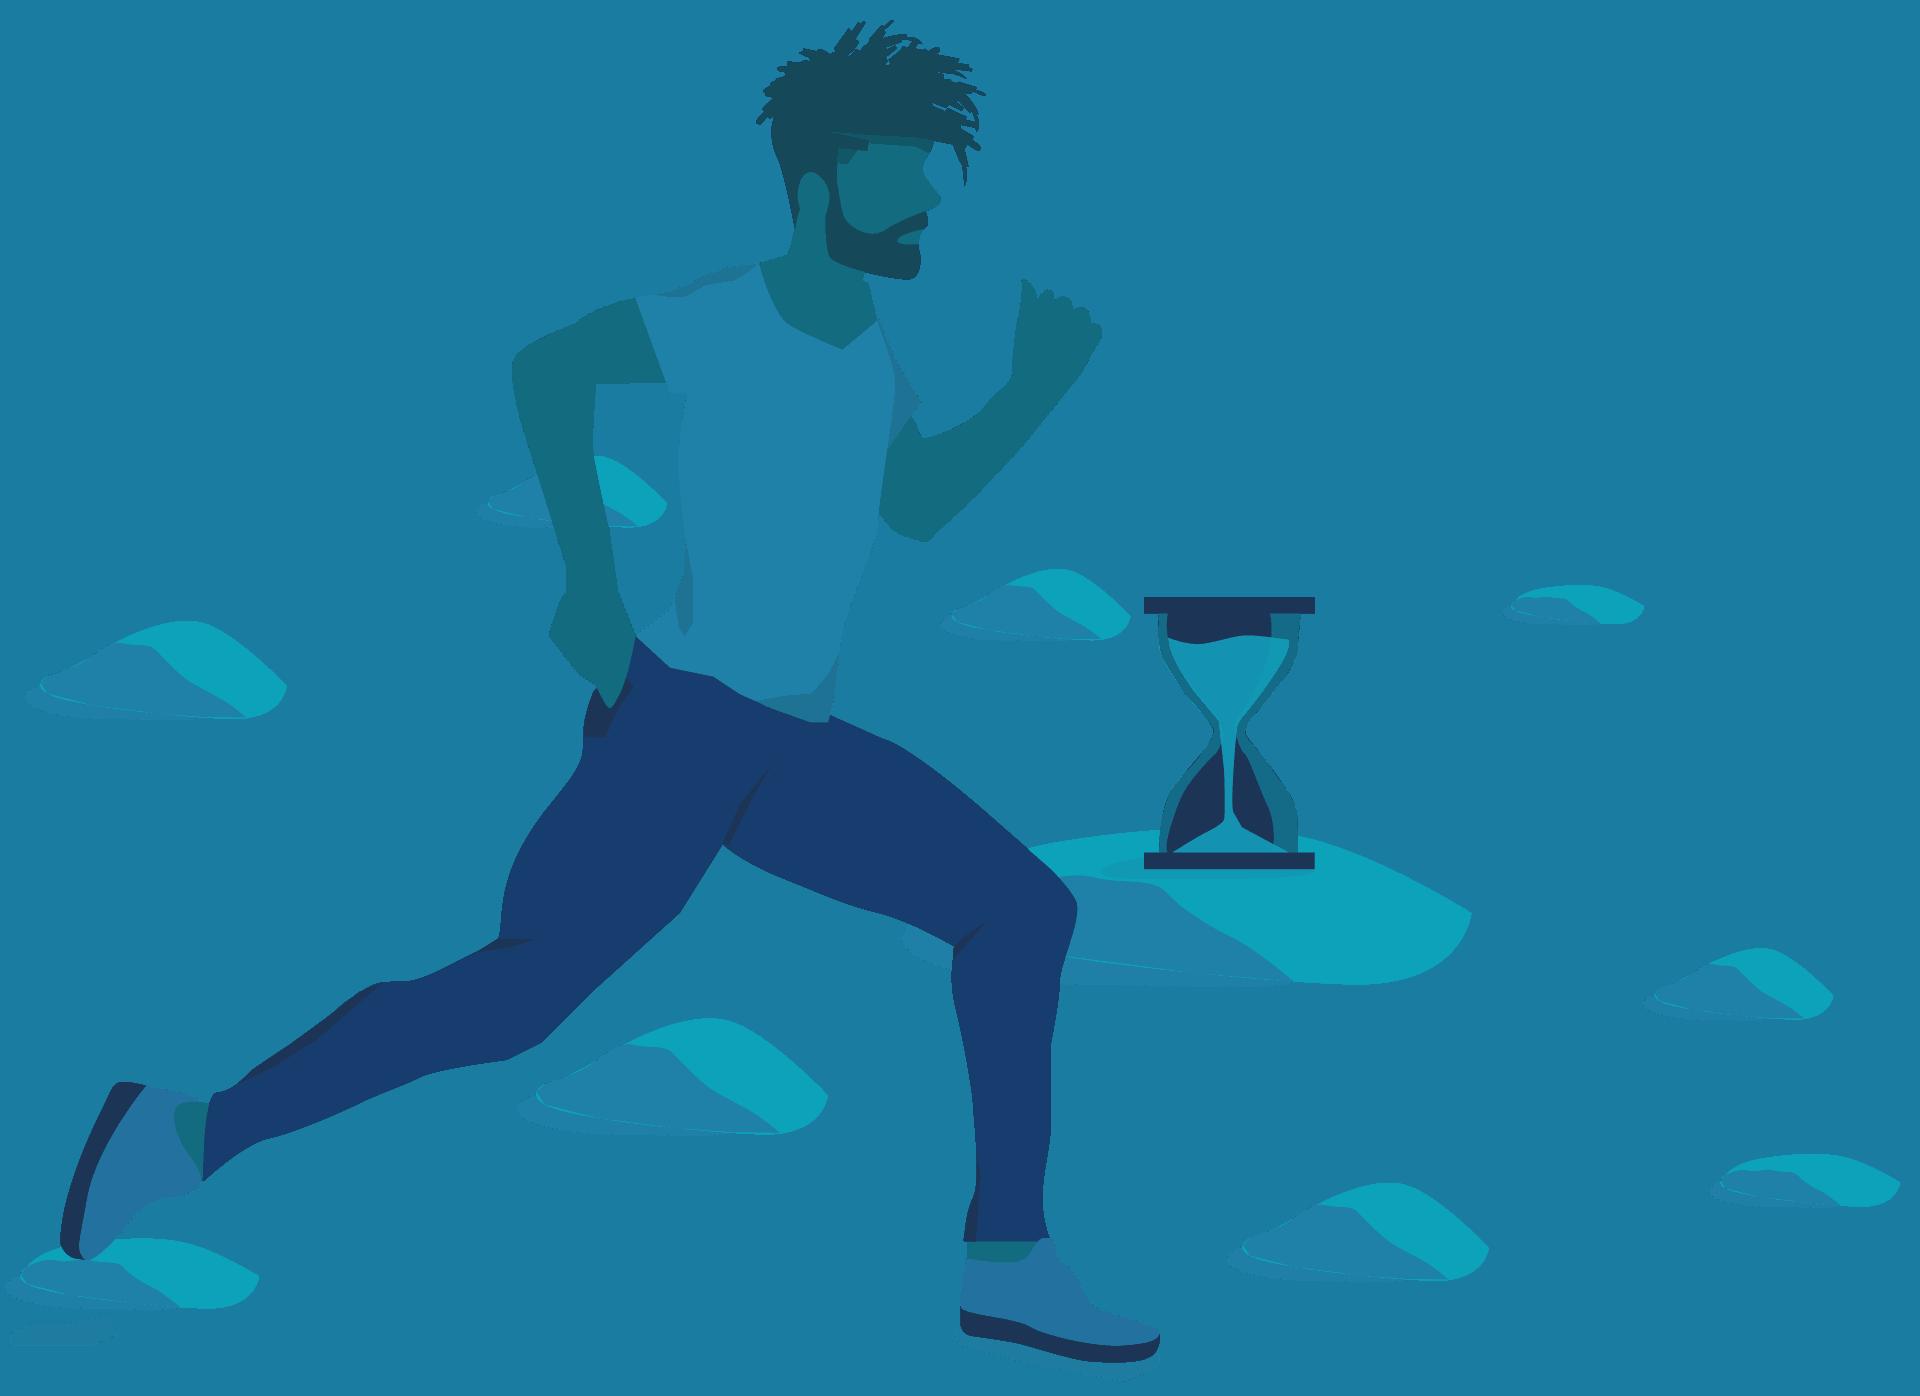 s4hana migration - runner and hourglass